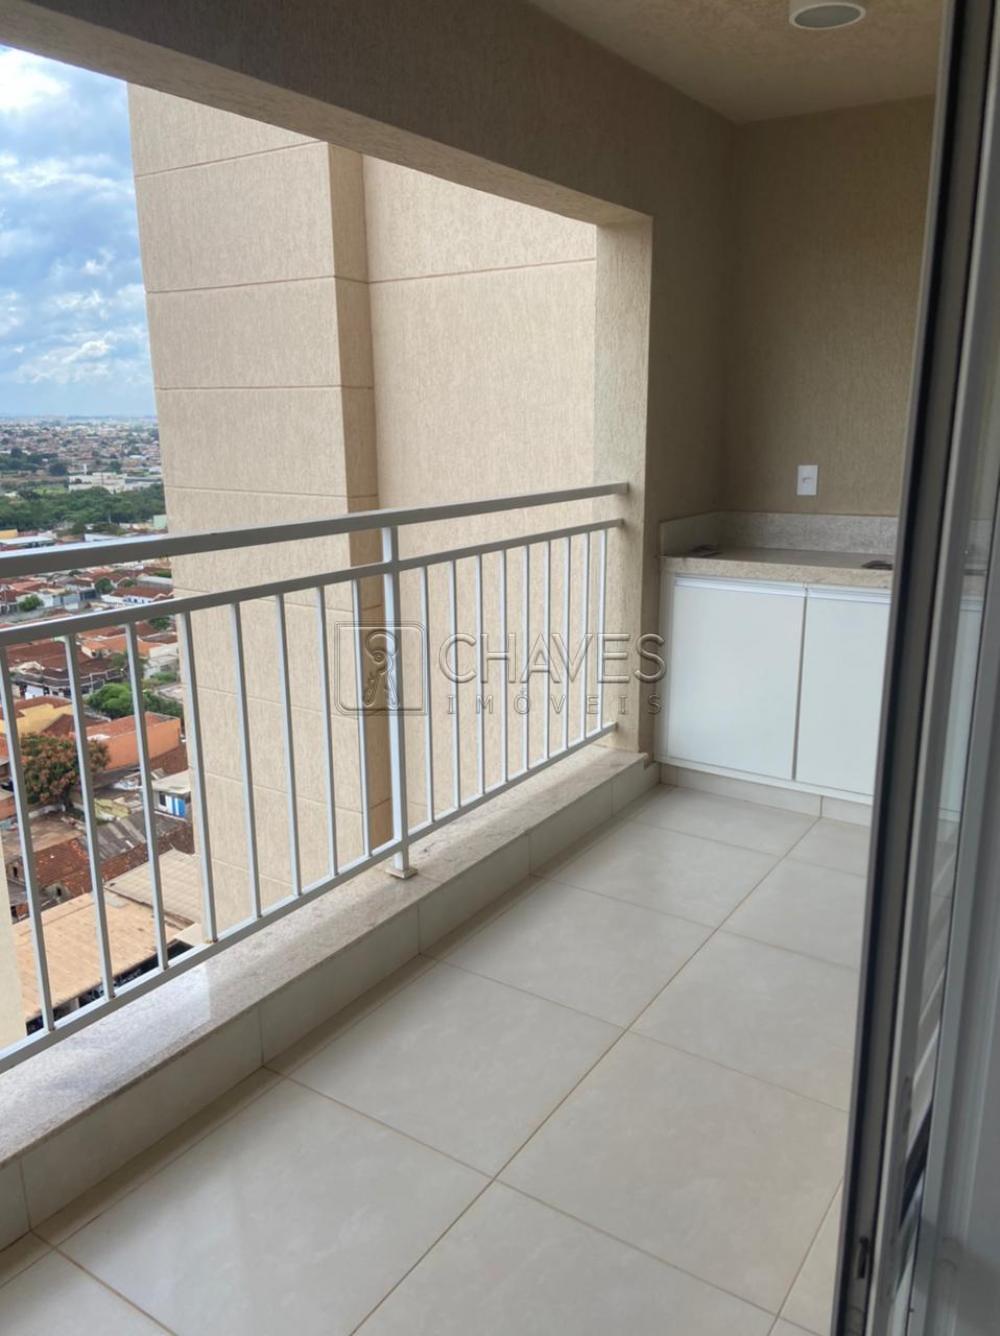 Comprar Apartamento / Padrão em Ribeirão Preto R$ 420.000,00 - Foto 2